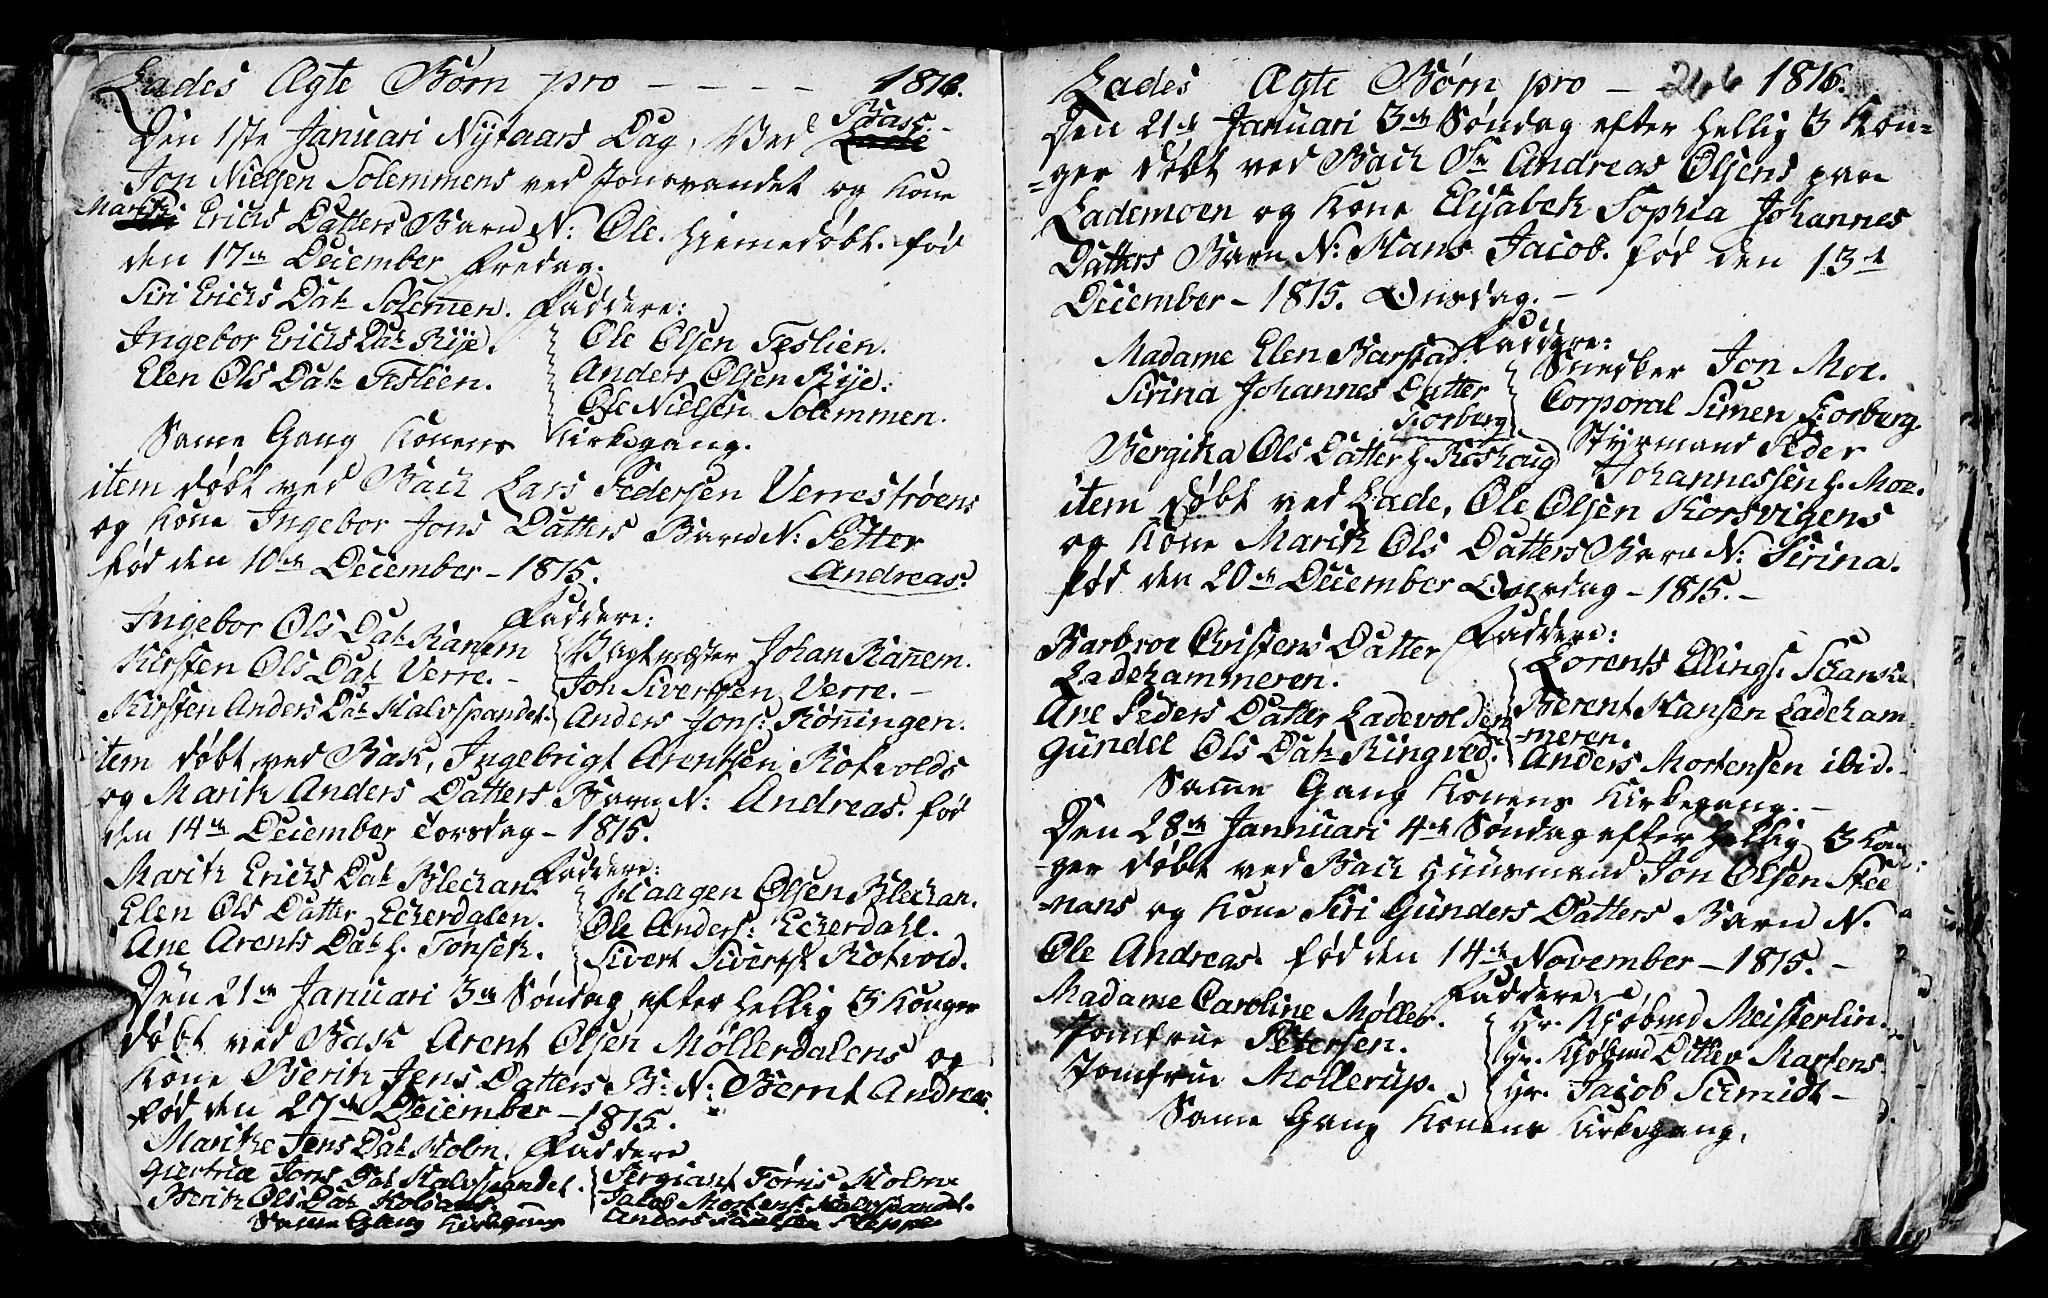 SAT, Ministerialprotokoller, klokkerbøker og fødselsregistre - Sør-Trøndelag, 606/L0305: Klokkerbok nr. 606C01, 1757-1819, s. 266